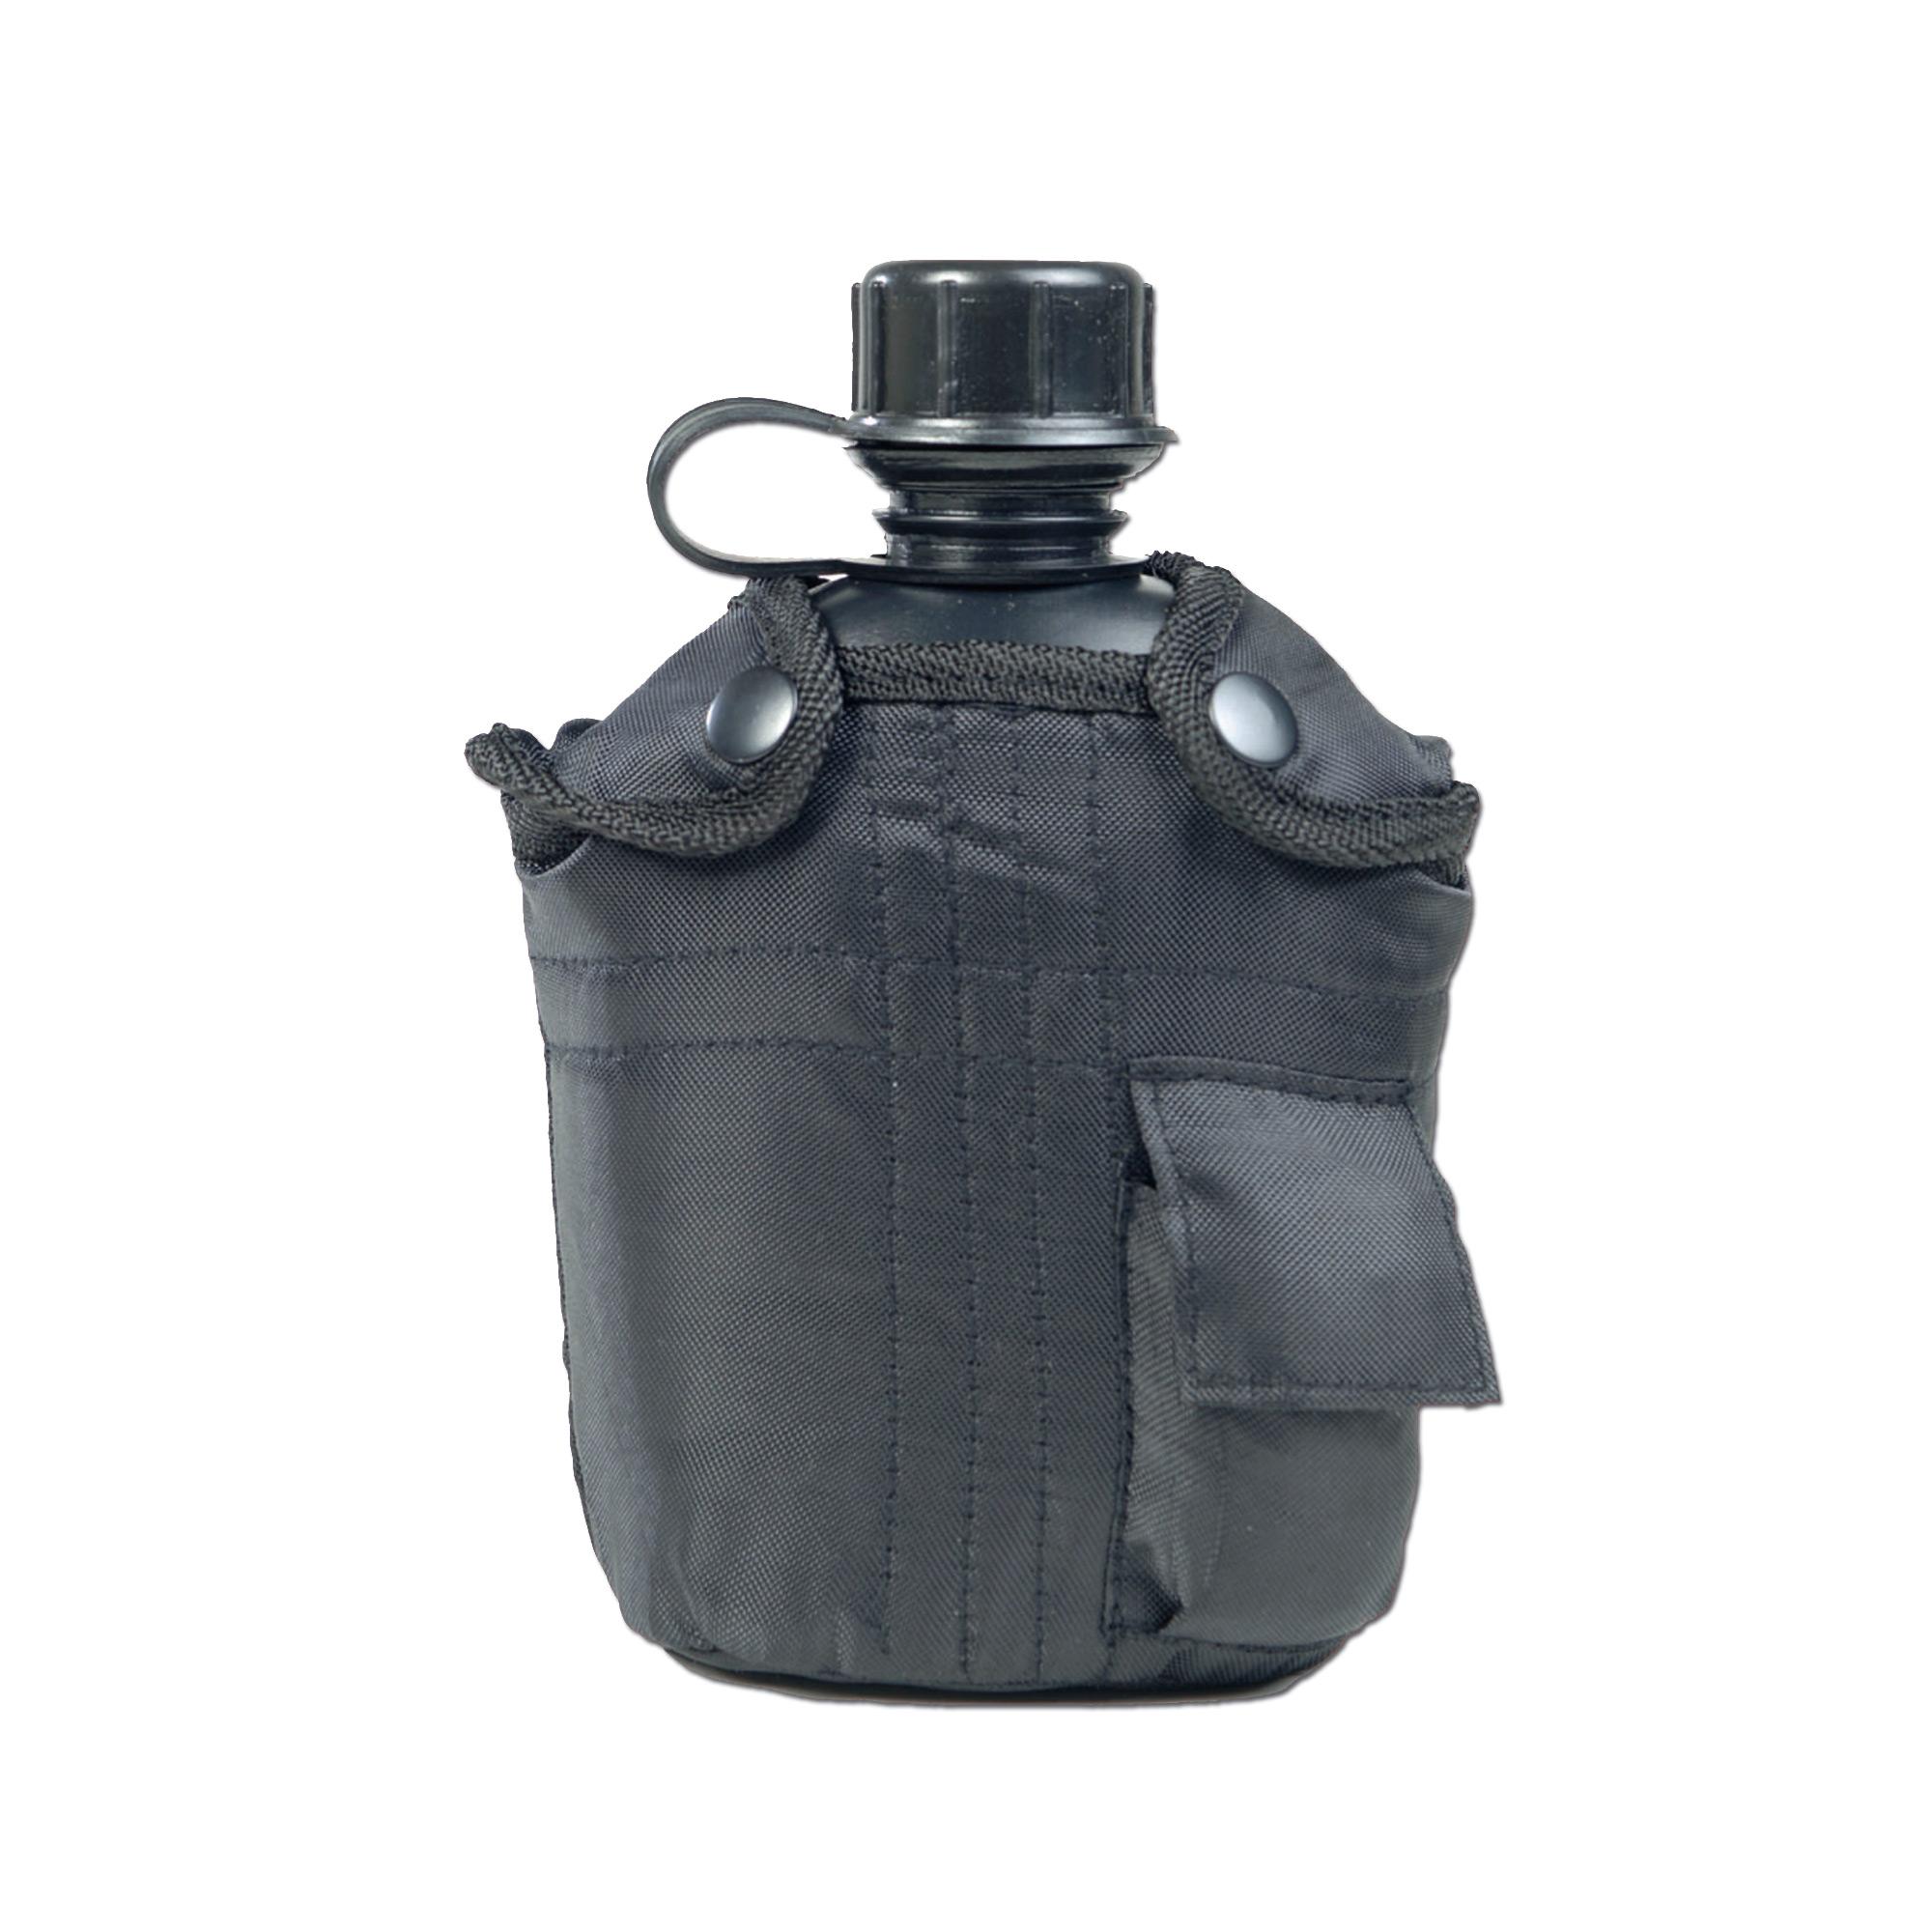 Feldflasche 1 qt. mit Becher und Hülle schwarz